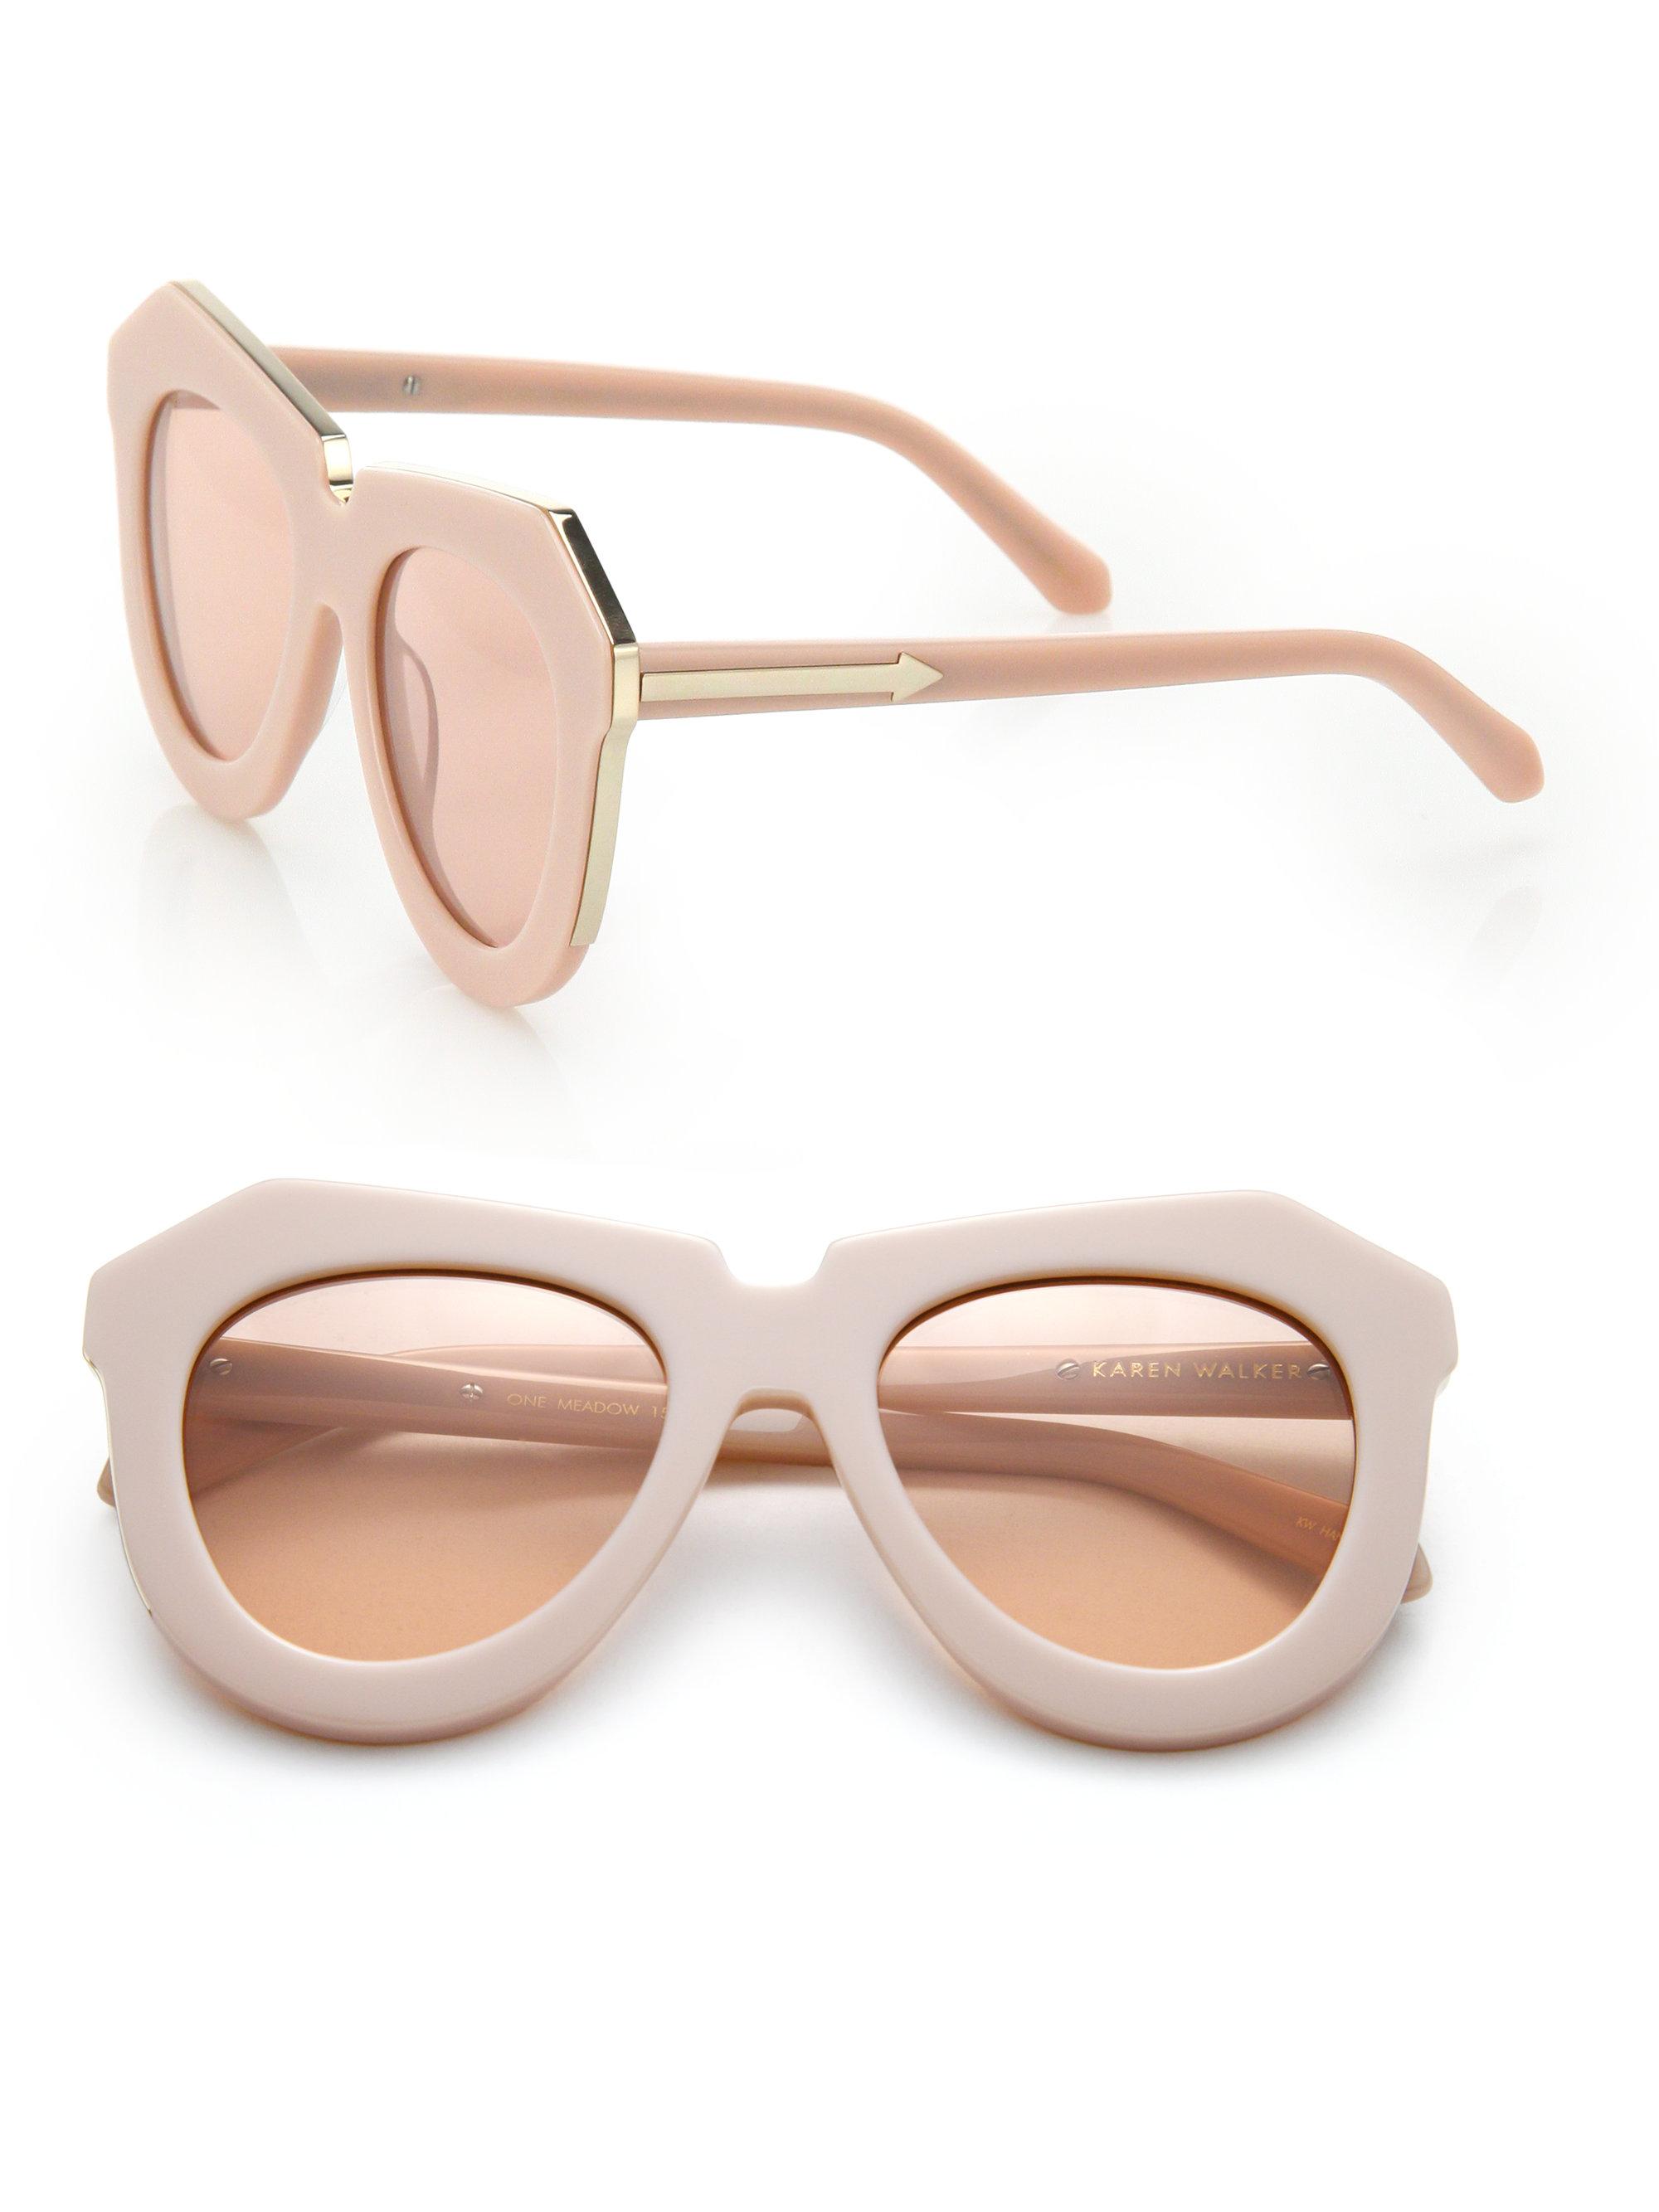 ea251a8f4e0 Karen Walker One Meadow 51mm Modified Cat's-eye Sunglasses in Pink ...